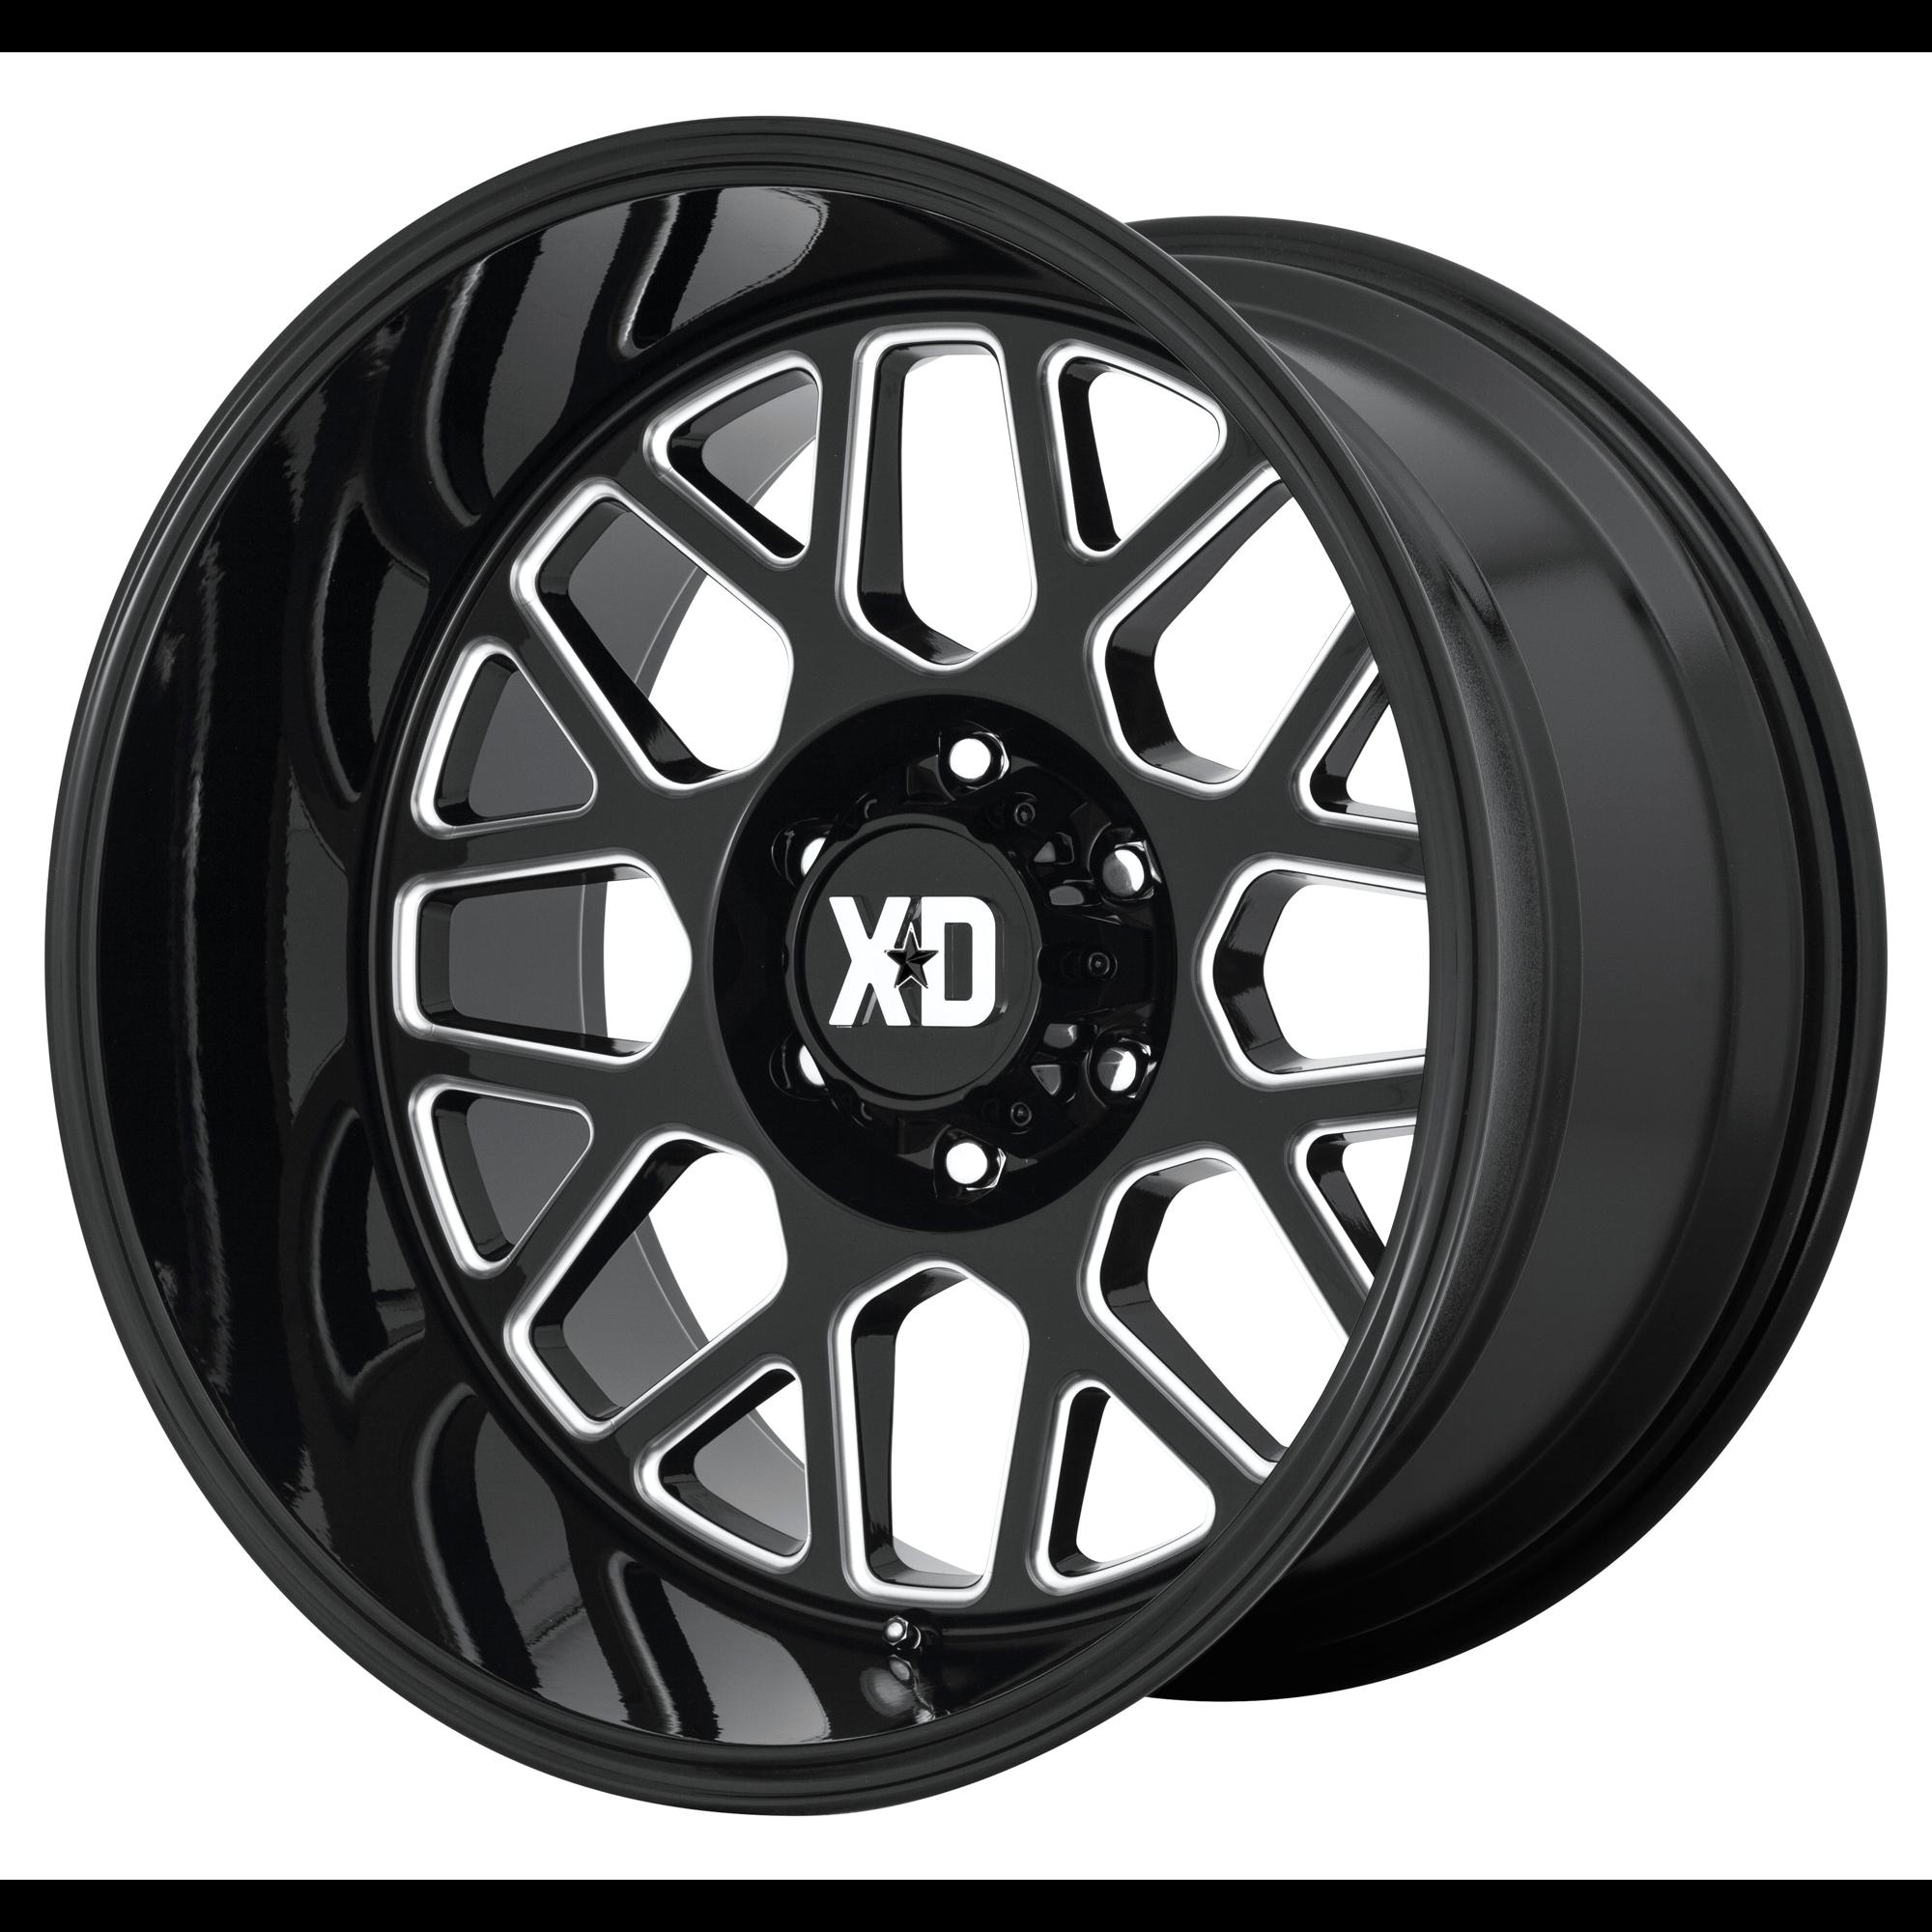 XD SERIES XD849 GRENADE 2 hliníkové disky 9x20 5x127 ET0 Gloss Black Milled